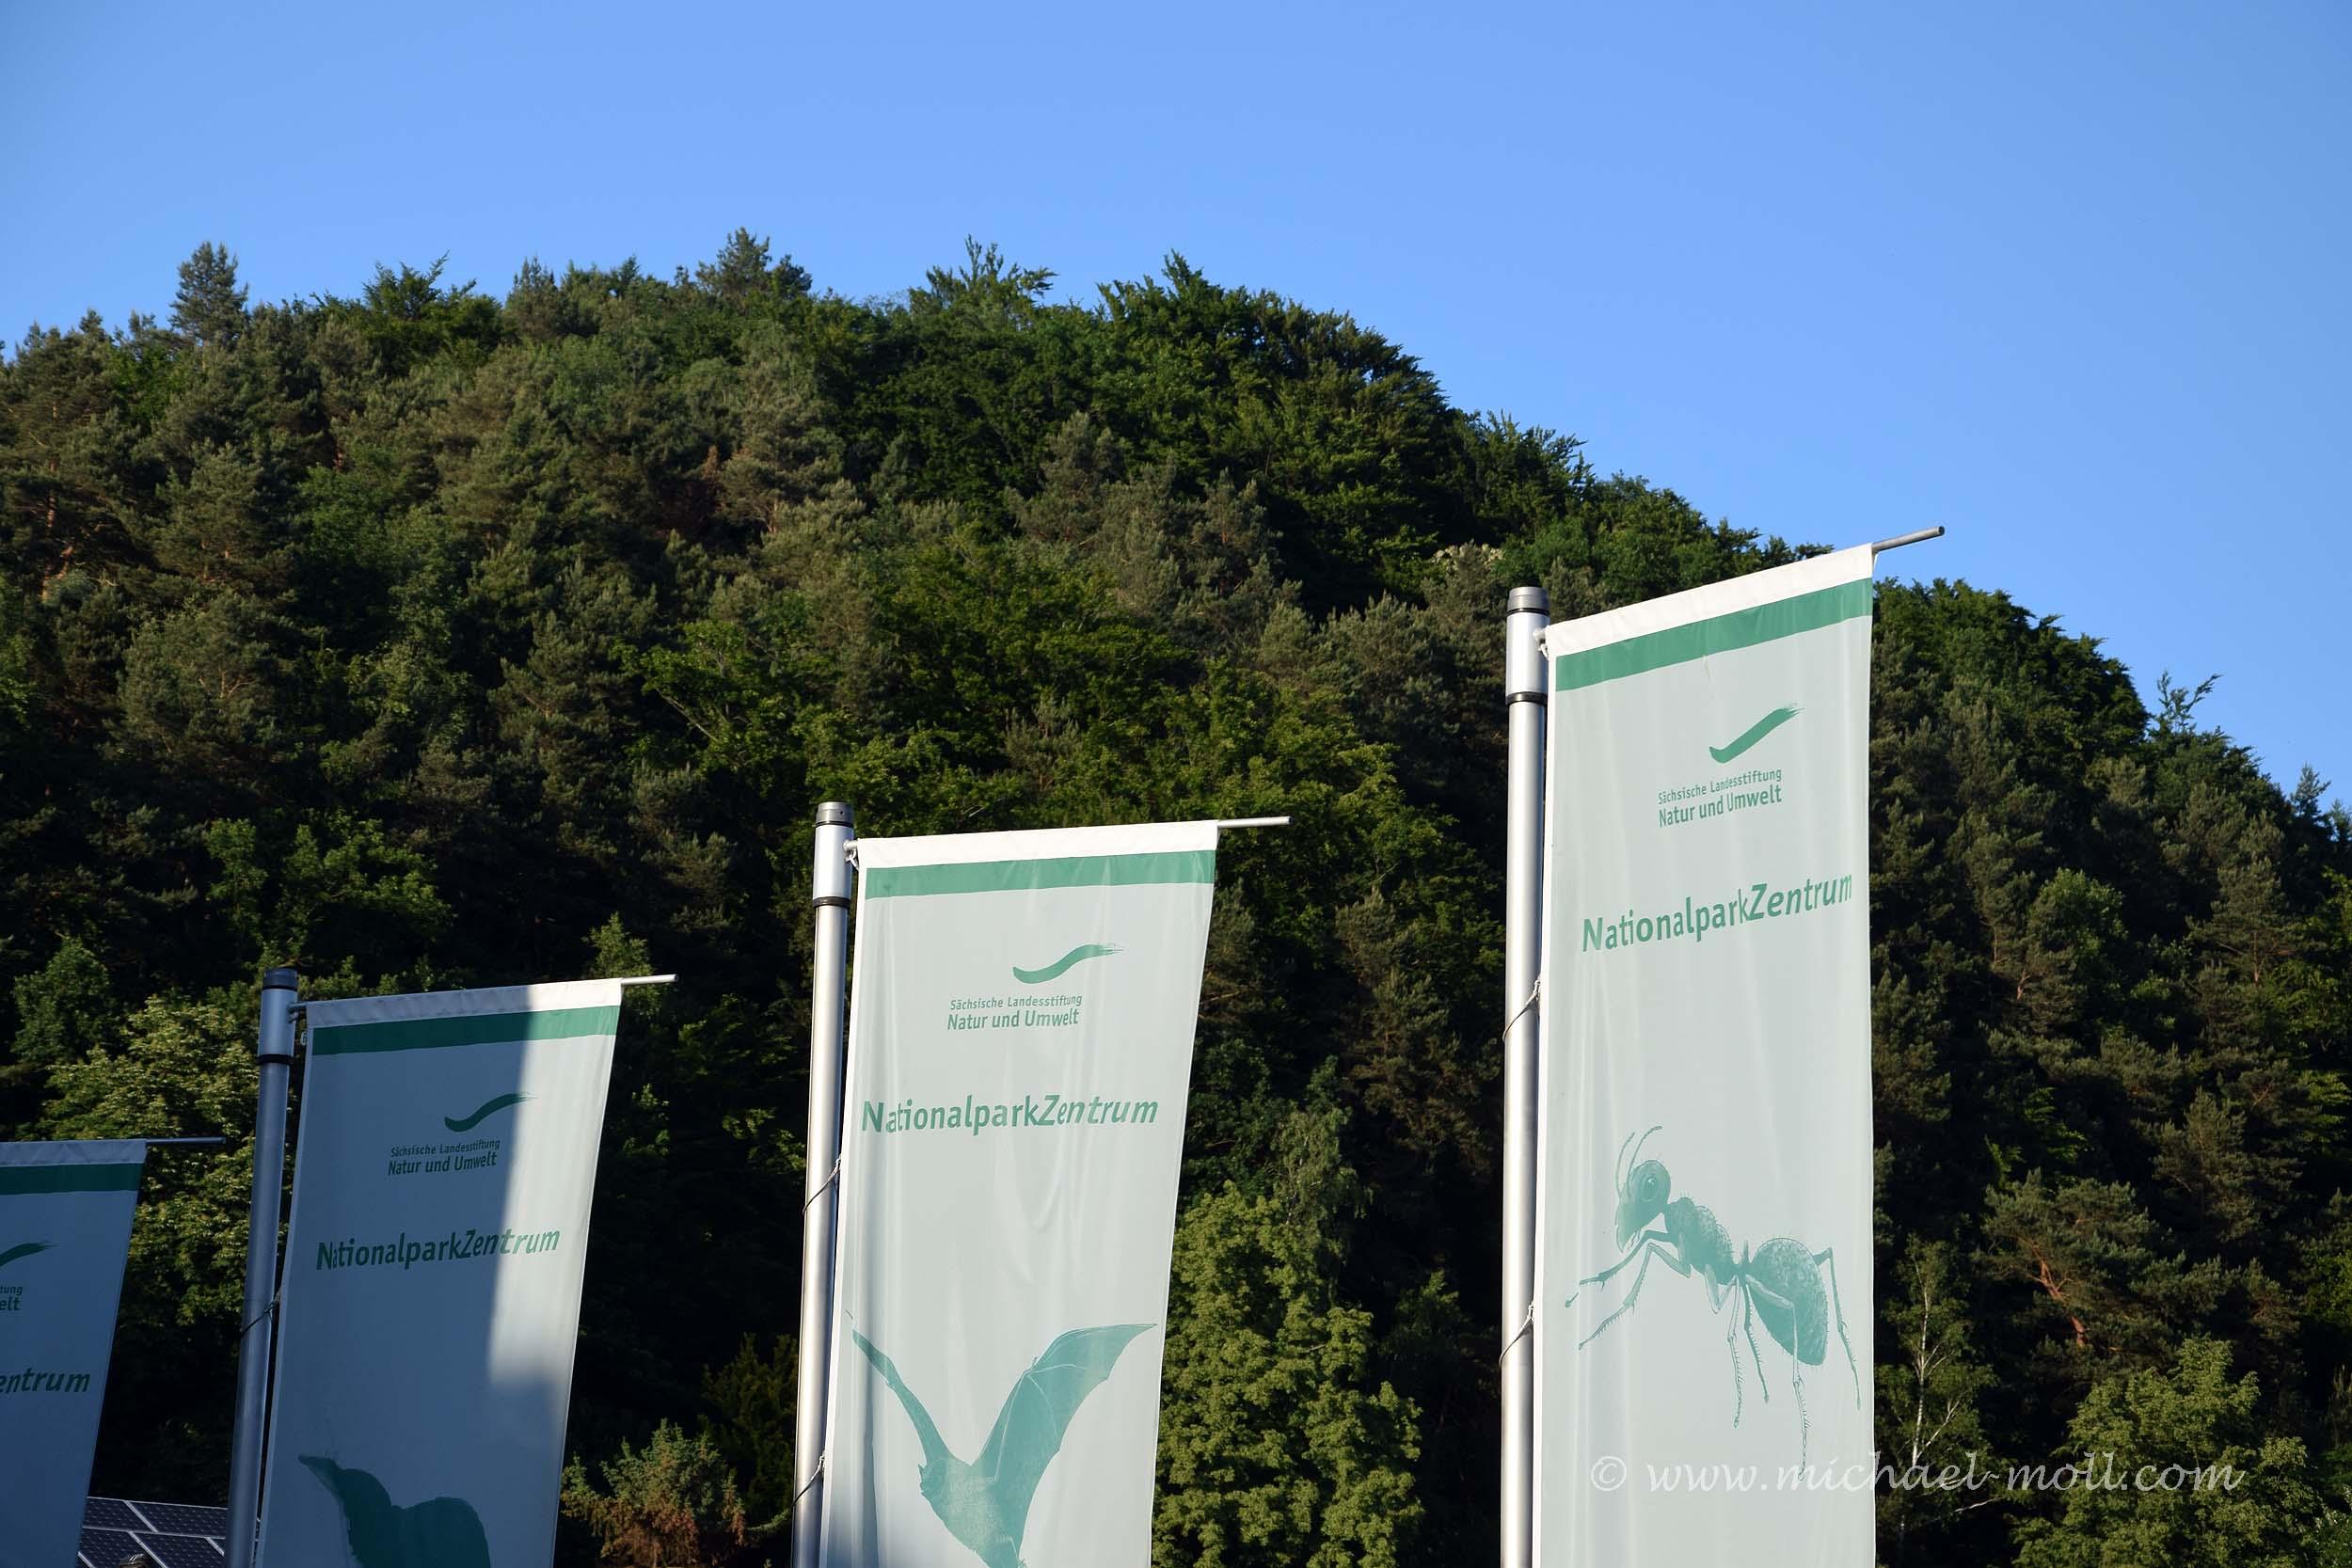 Nationalparkzentrum in Bad Schandau